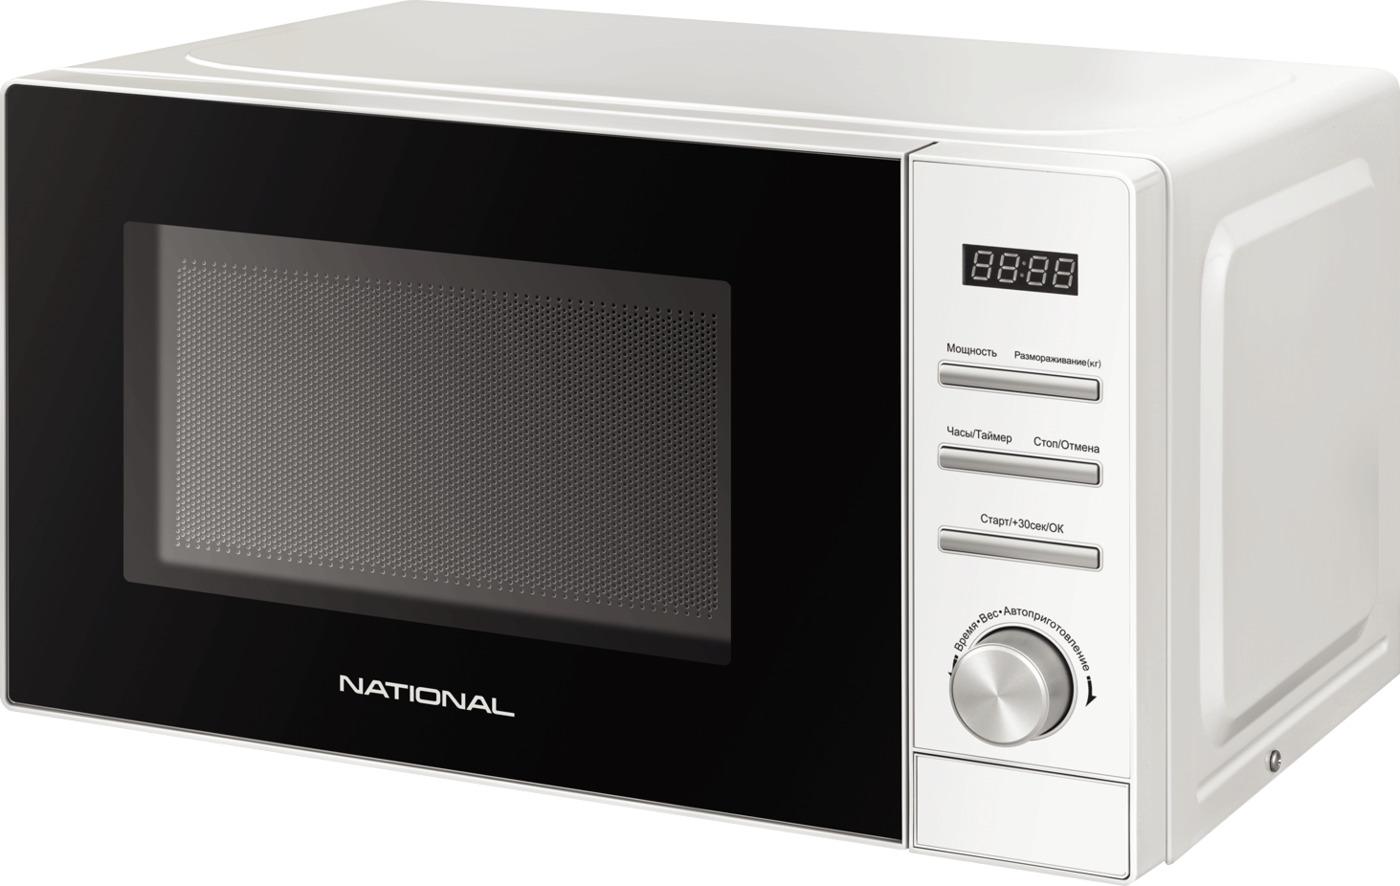 Микроволновая печь NATIONAL 20 л, 700 Вт, с электронным управлением и отложенным стартом